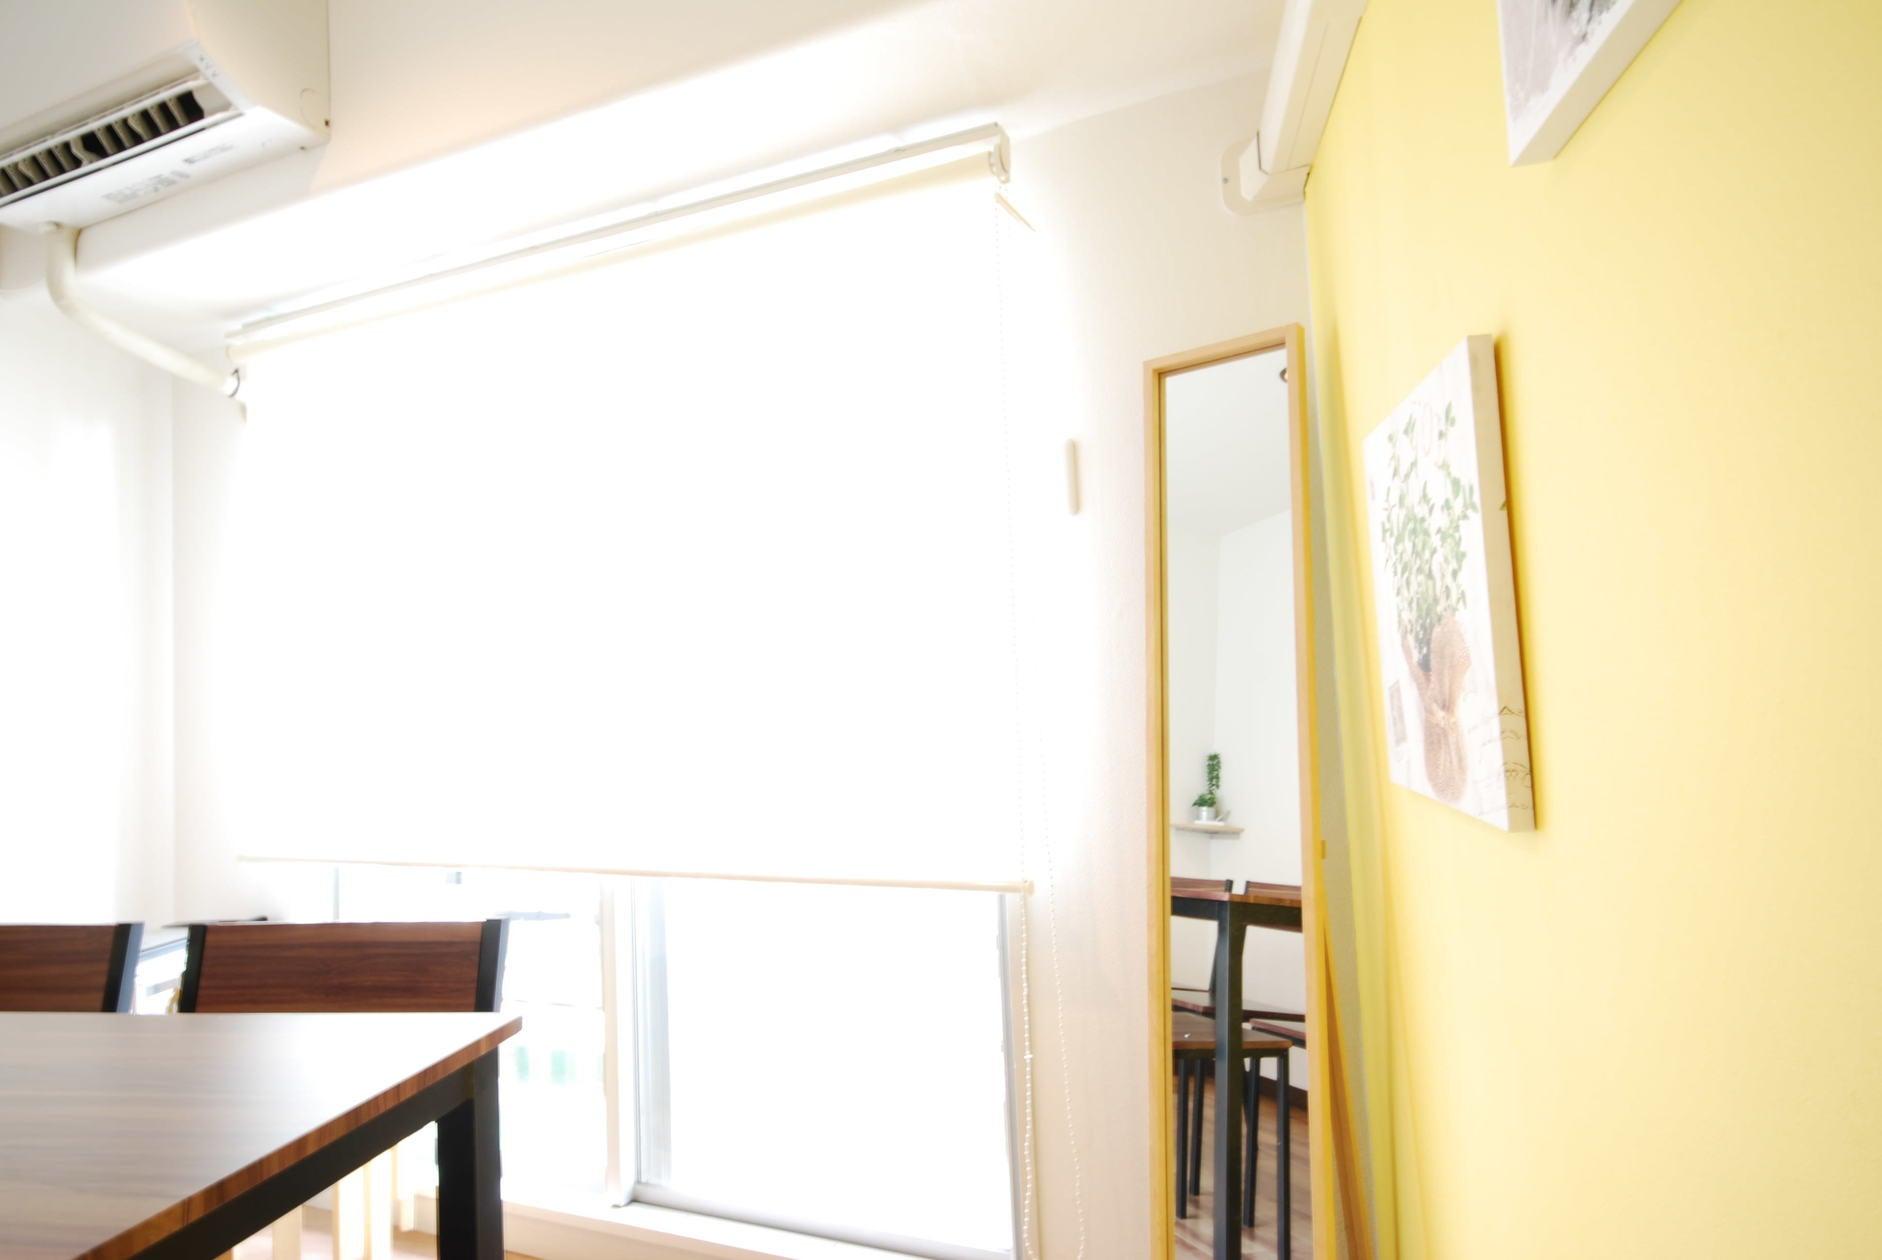 【デルソル Room A】★池袋駅東口徒歩3分★WiFi無料!明るく爽やかなスペース(土足でOK) のサムネイル